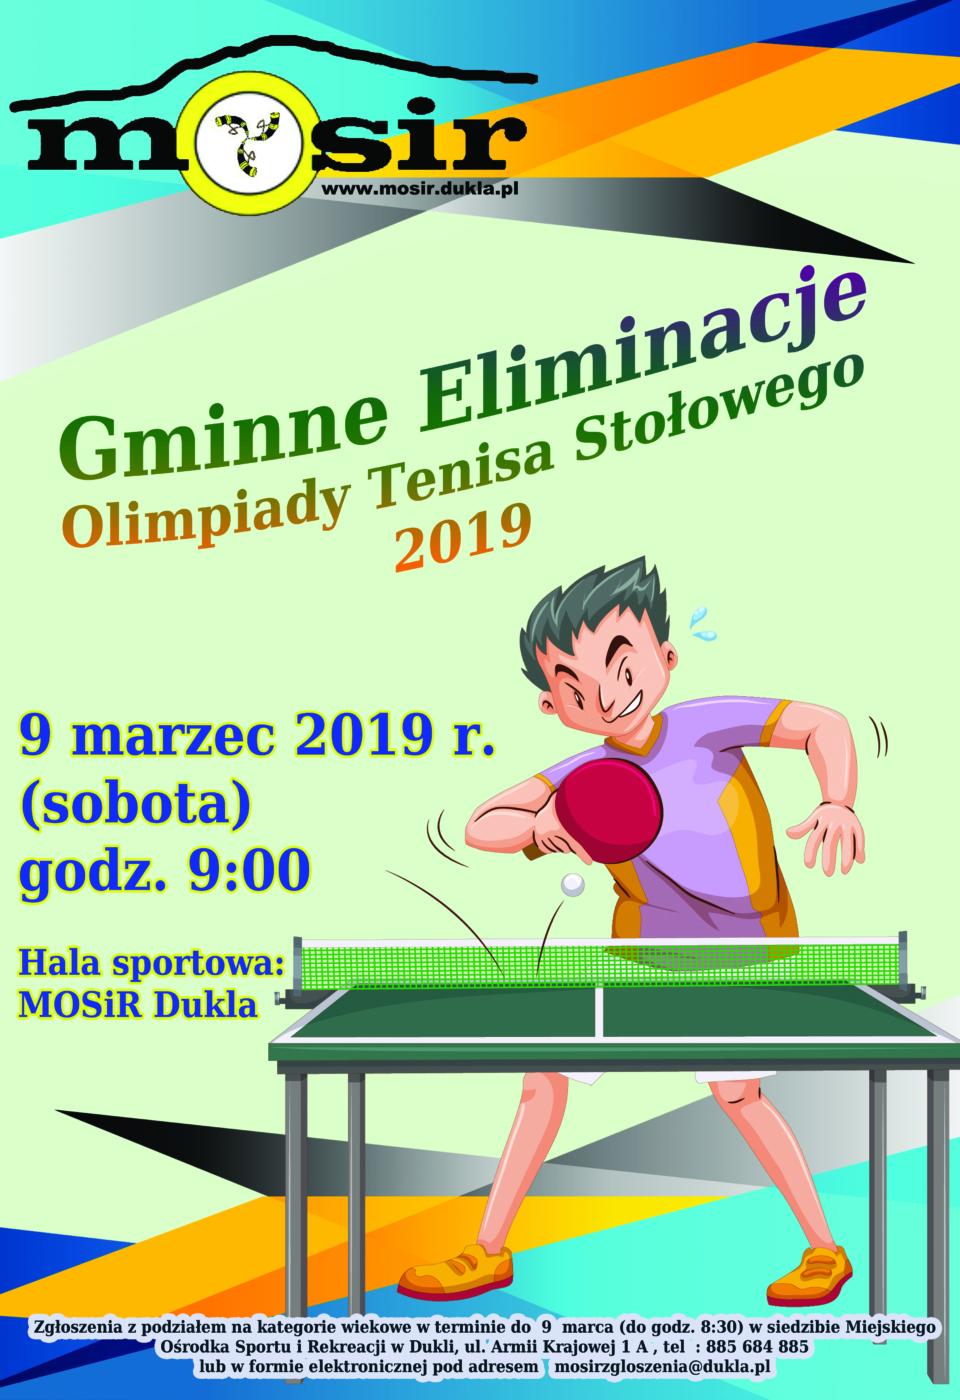 Gminne eliminacje w tenisie stolowym 2019